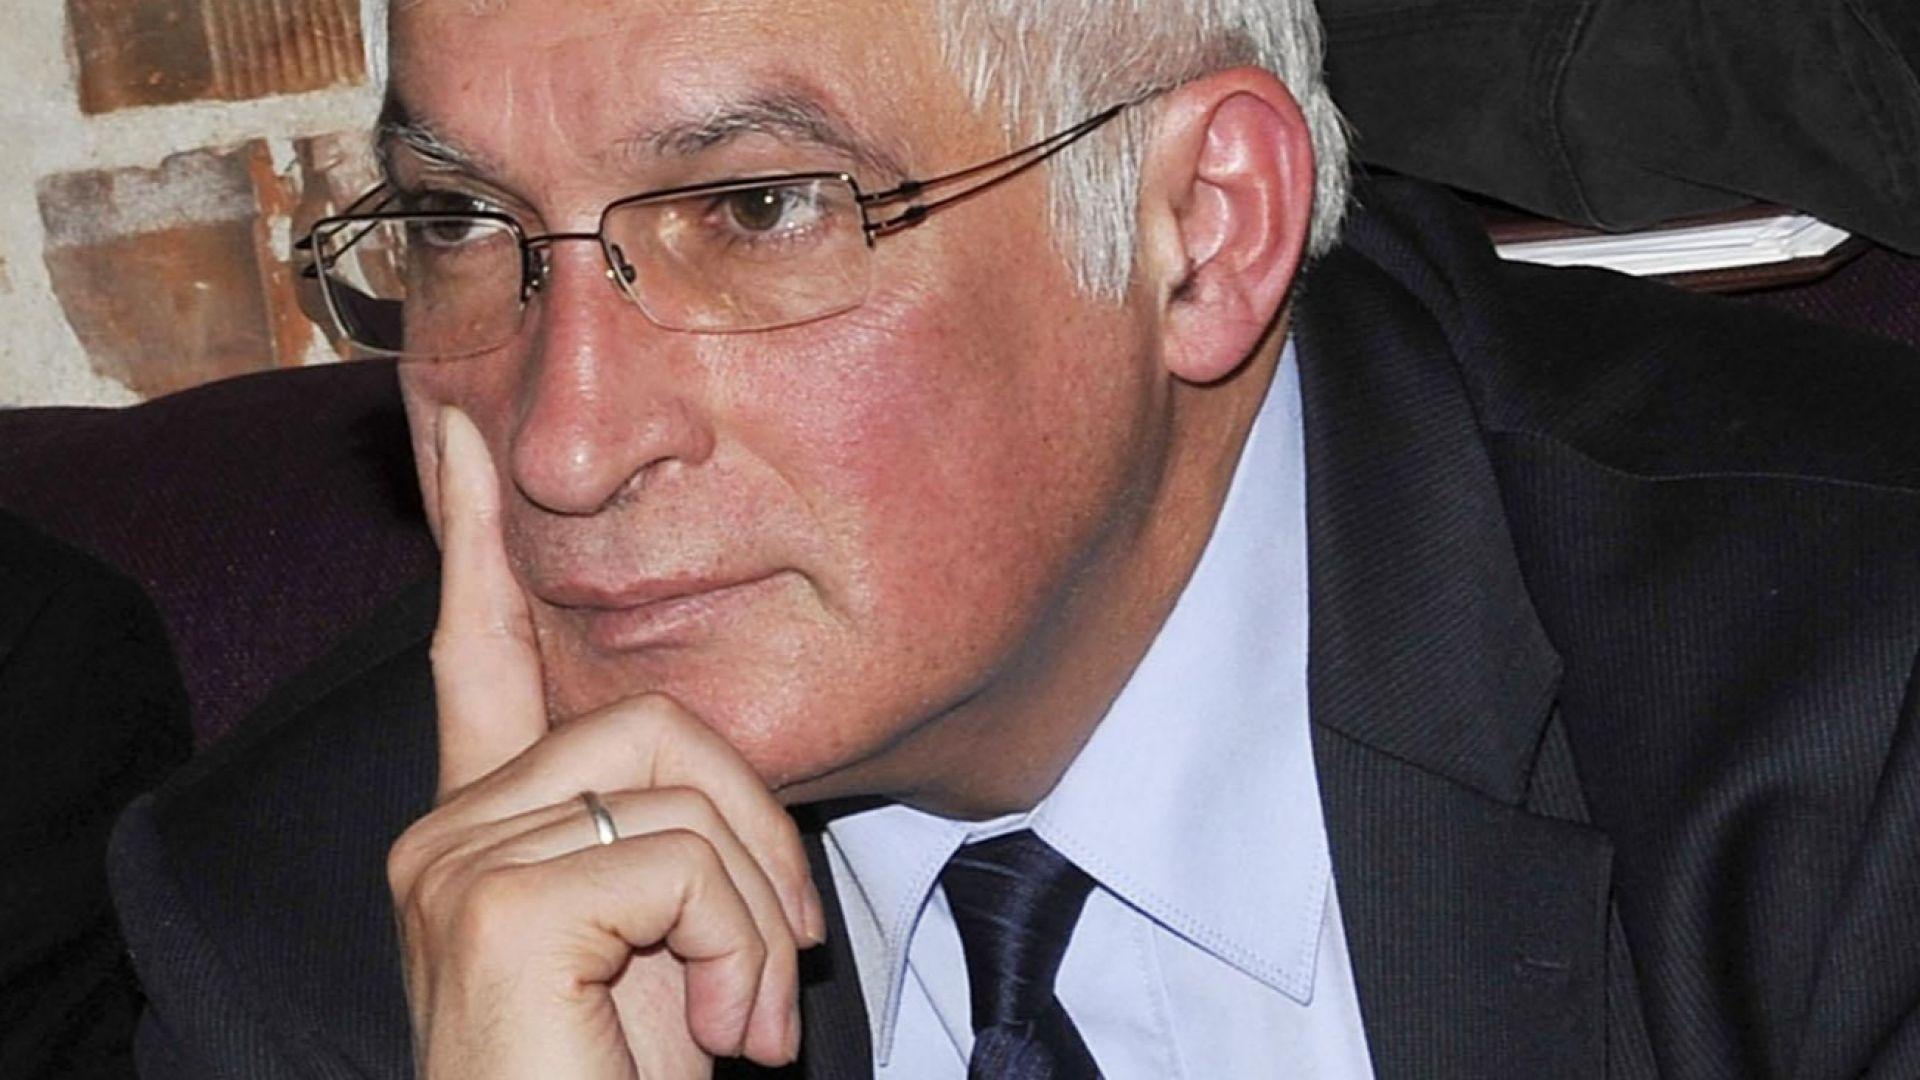 """Проф. Боян Дуранкев ще е водач на листата на """"Коалиция за България"""" за евровота"""